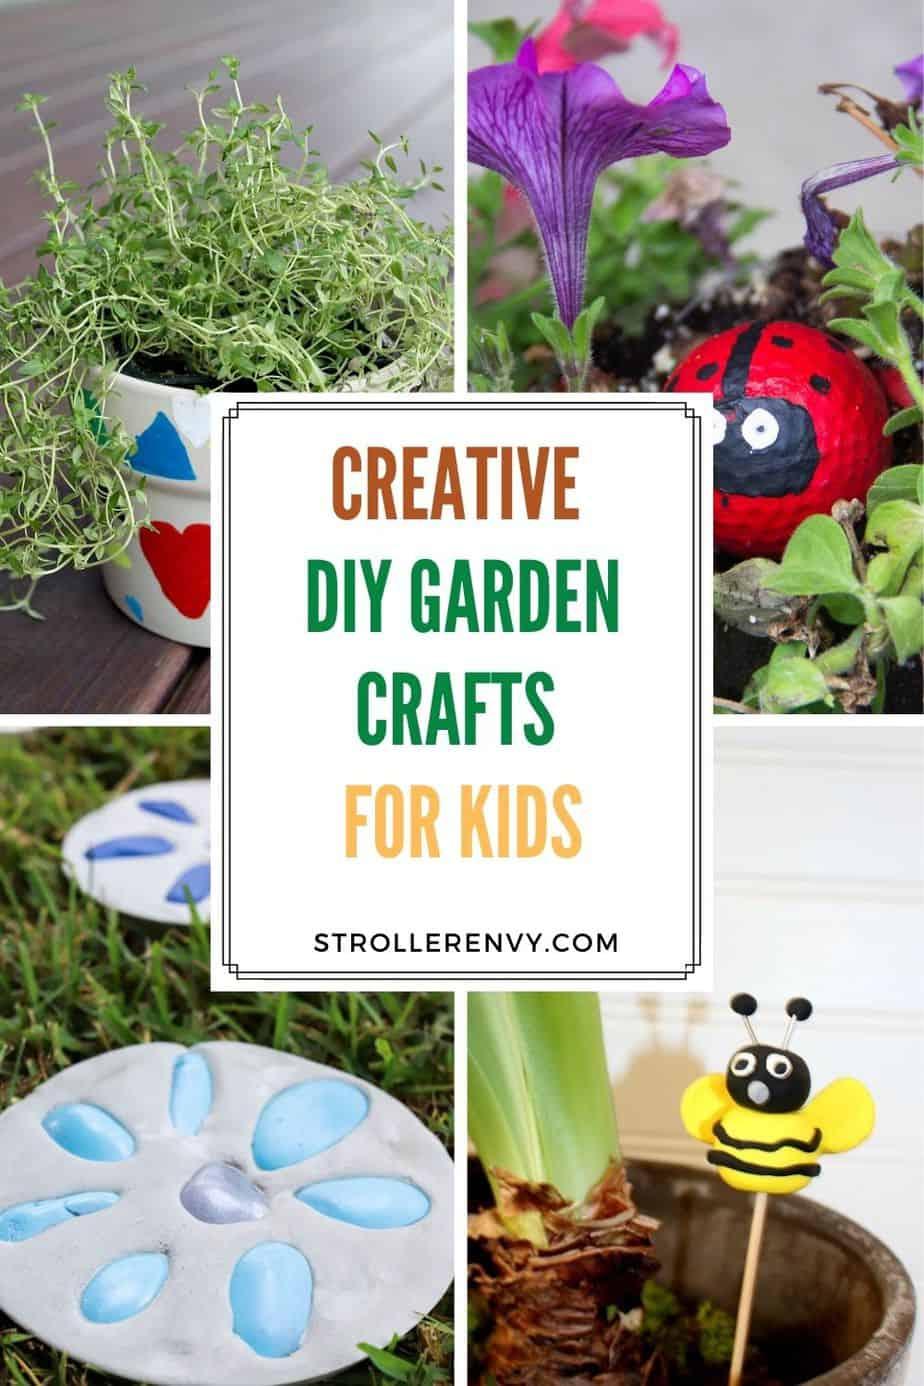 diy garden crafts pin image